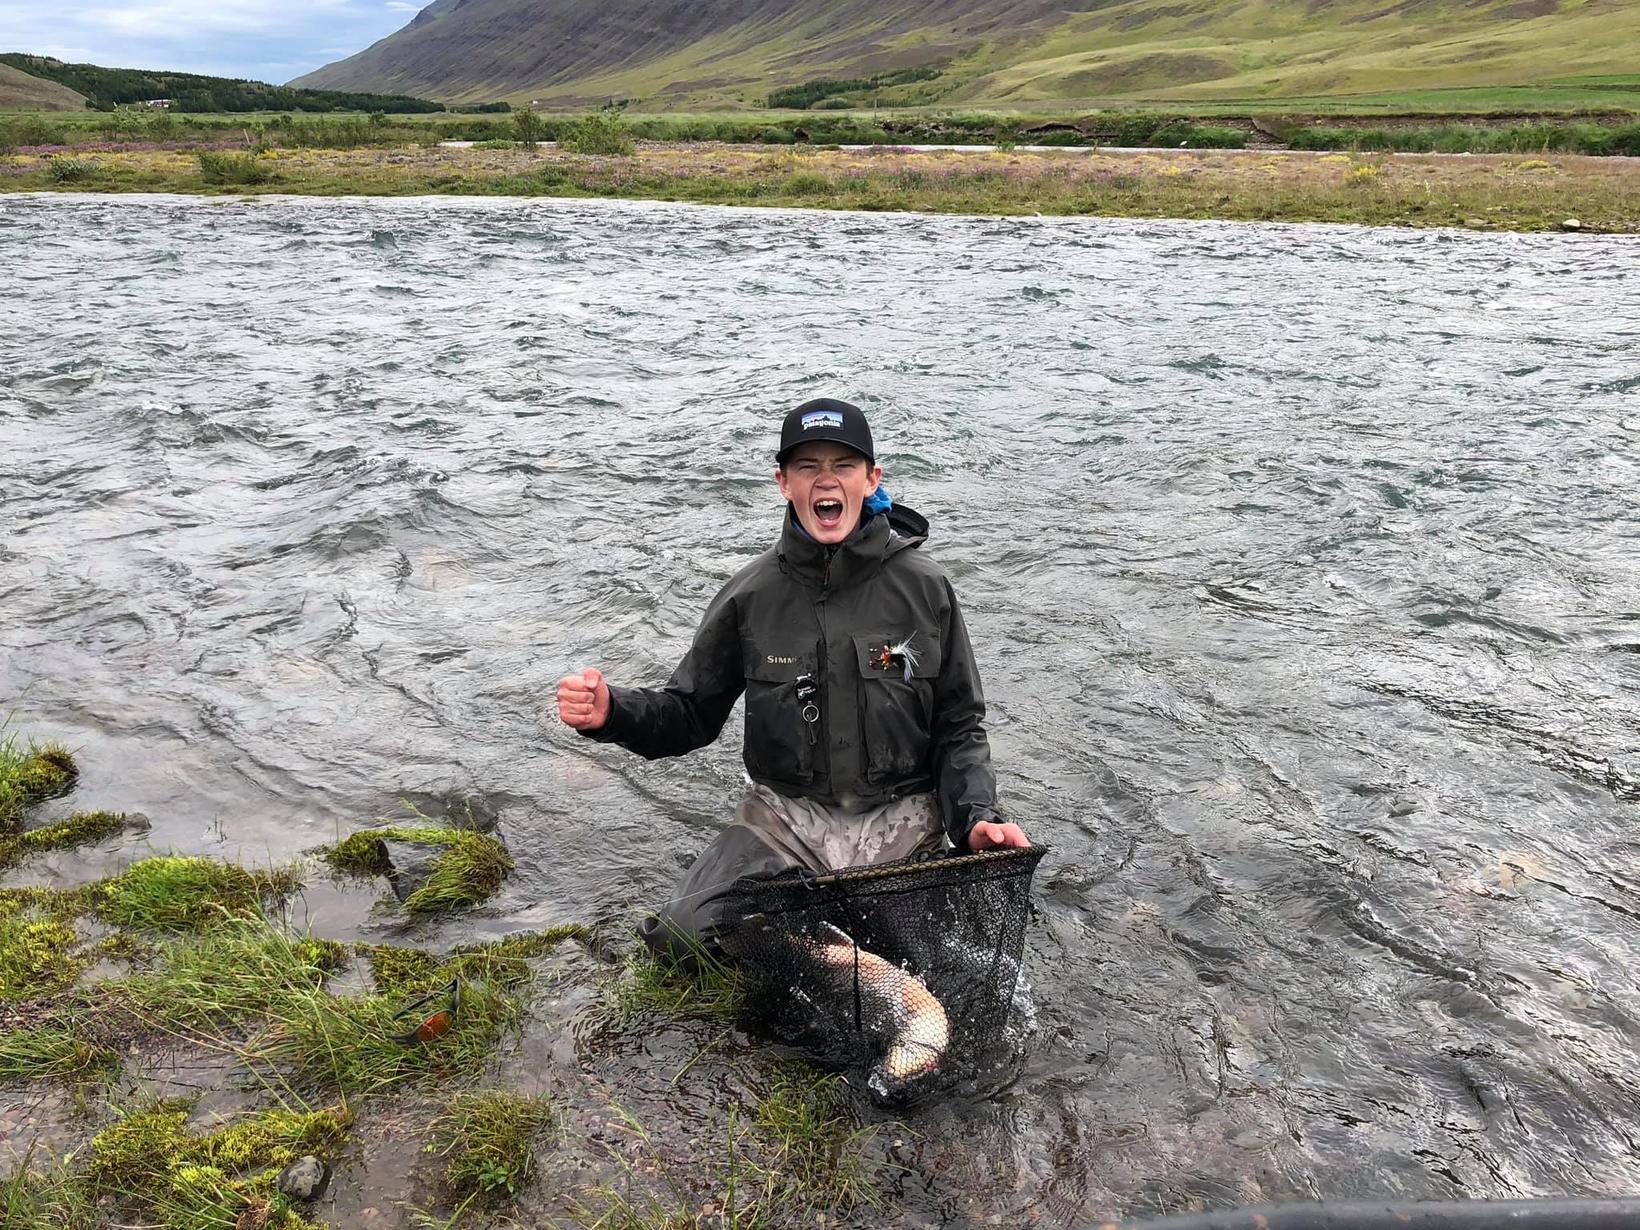 Gleðin er ósvikin enda stærsta bleikjan hans á ferlinum.